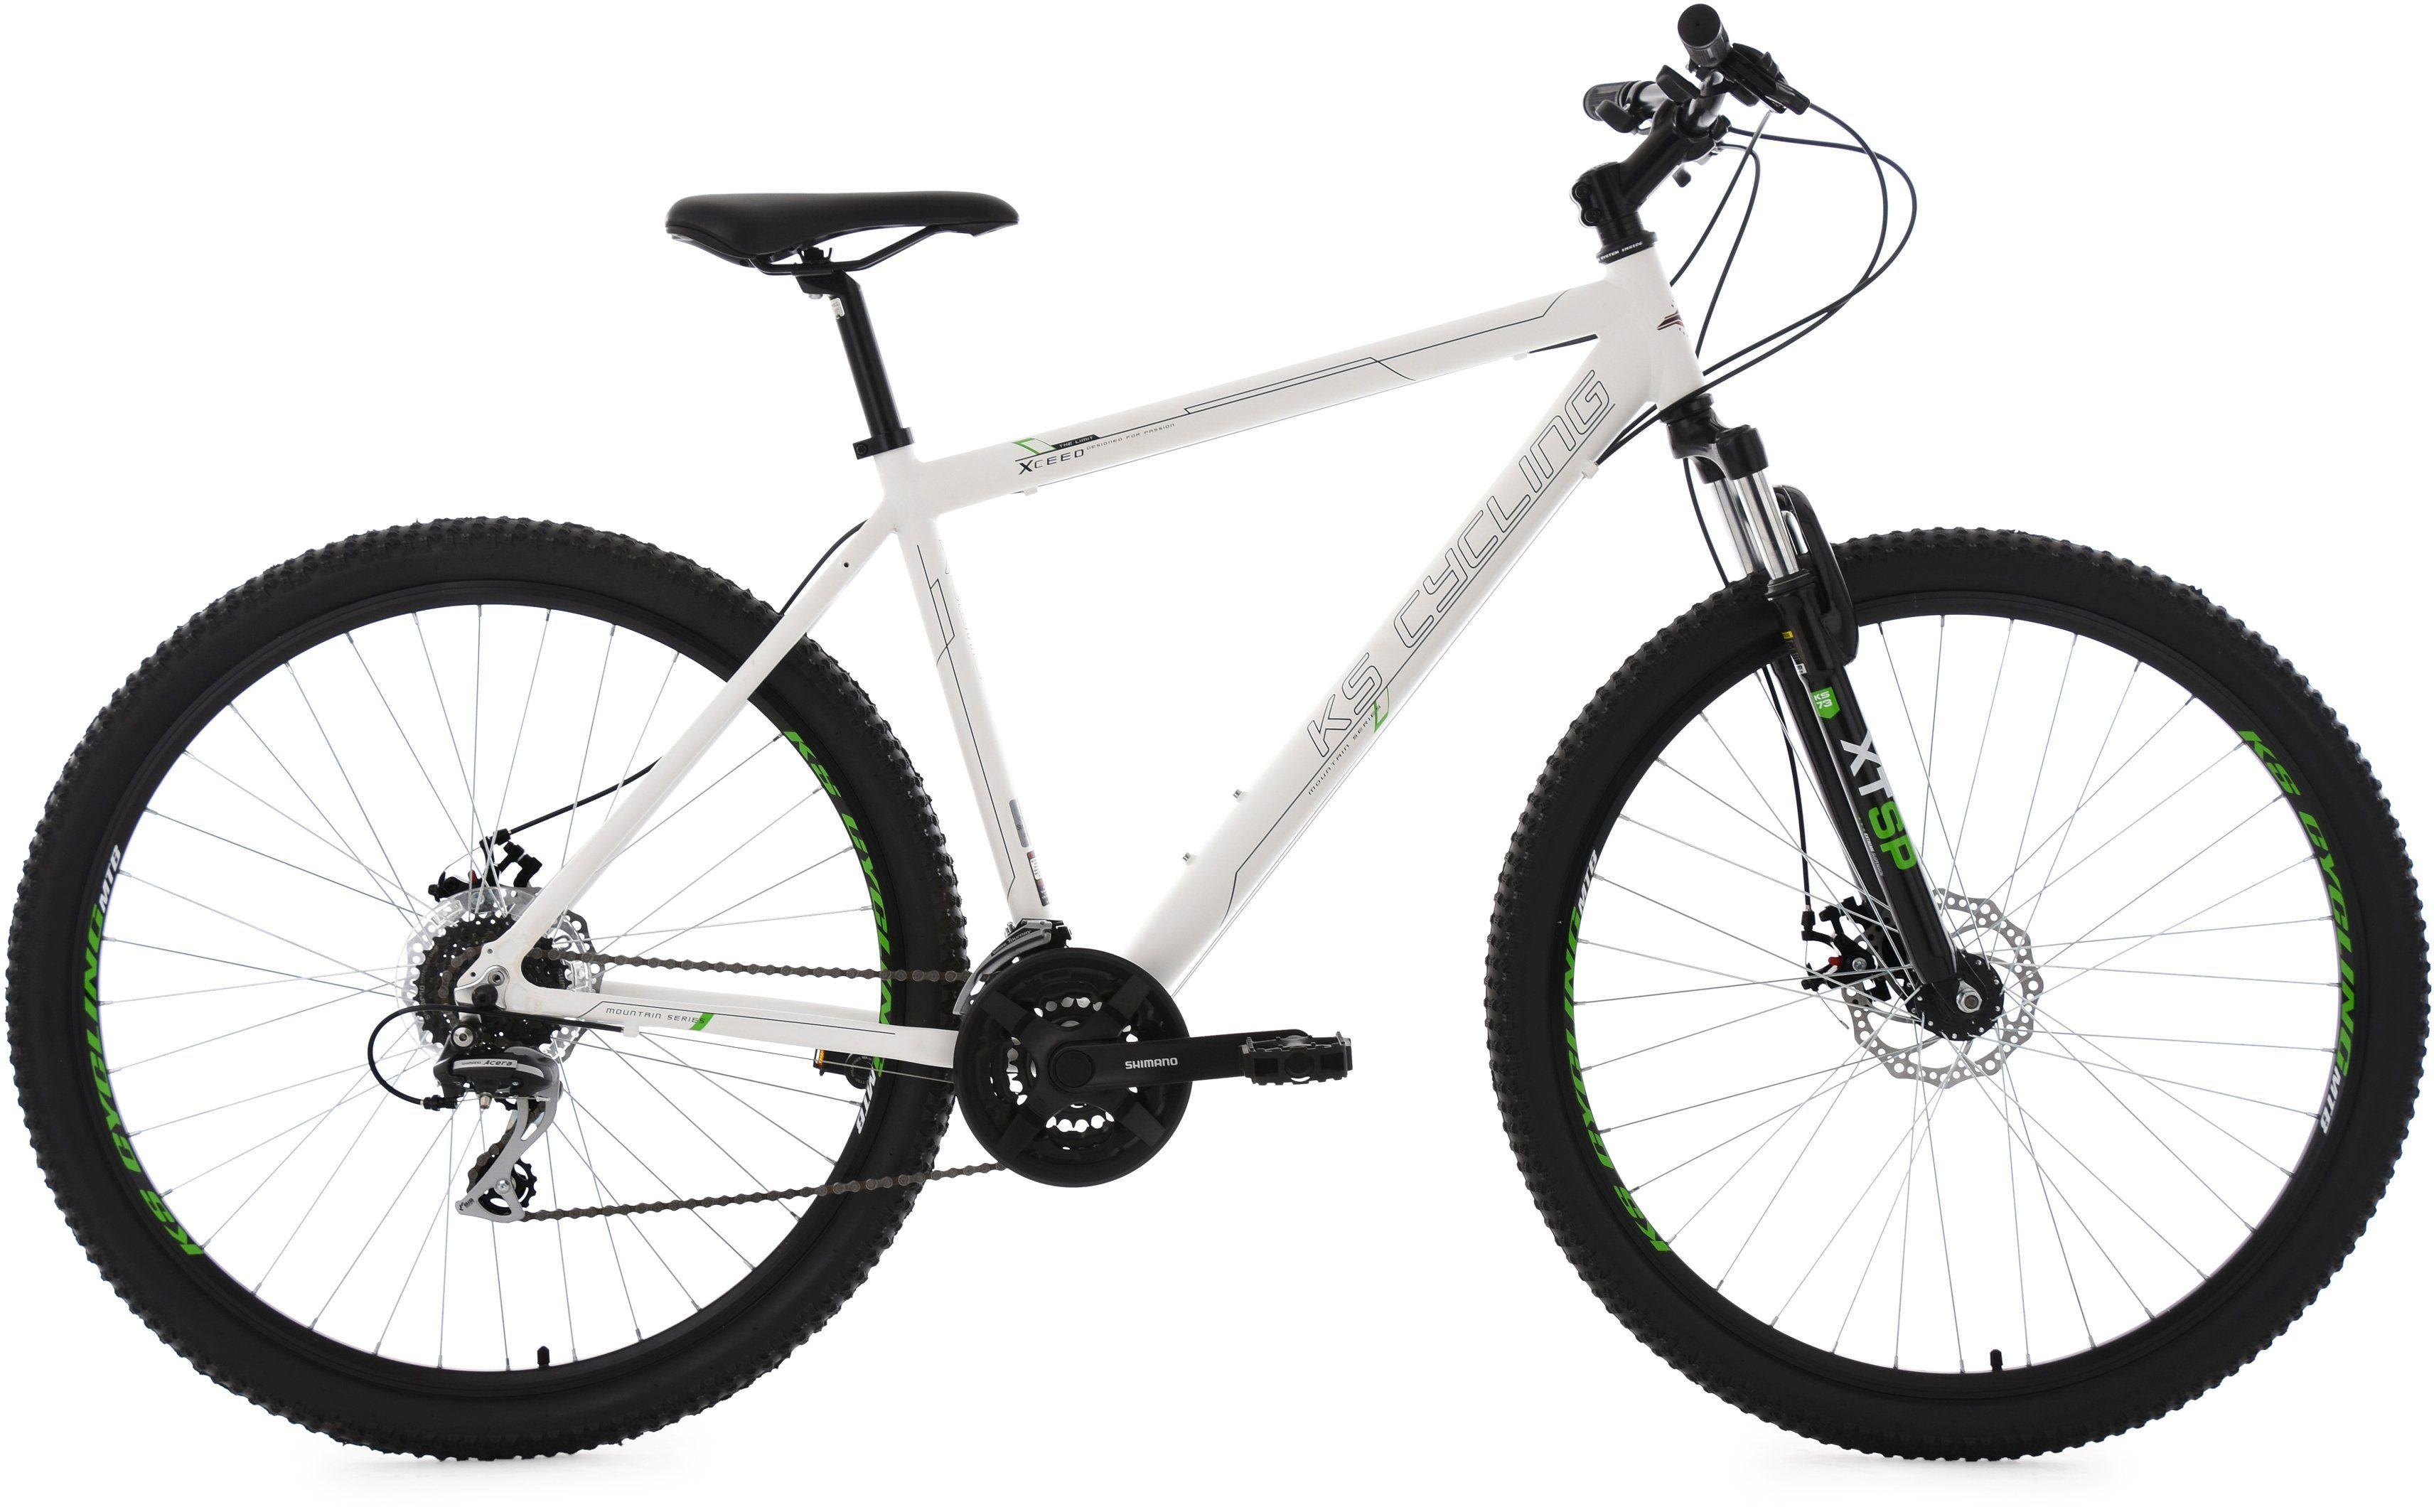 KS Cycling Herren Hardtail-Mountainbike, 29 Zoll, 24 Gang-Kettenschaltung, weiß, »Xceed«